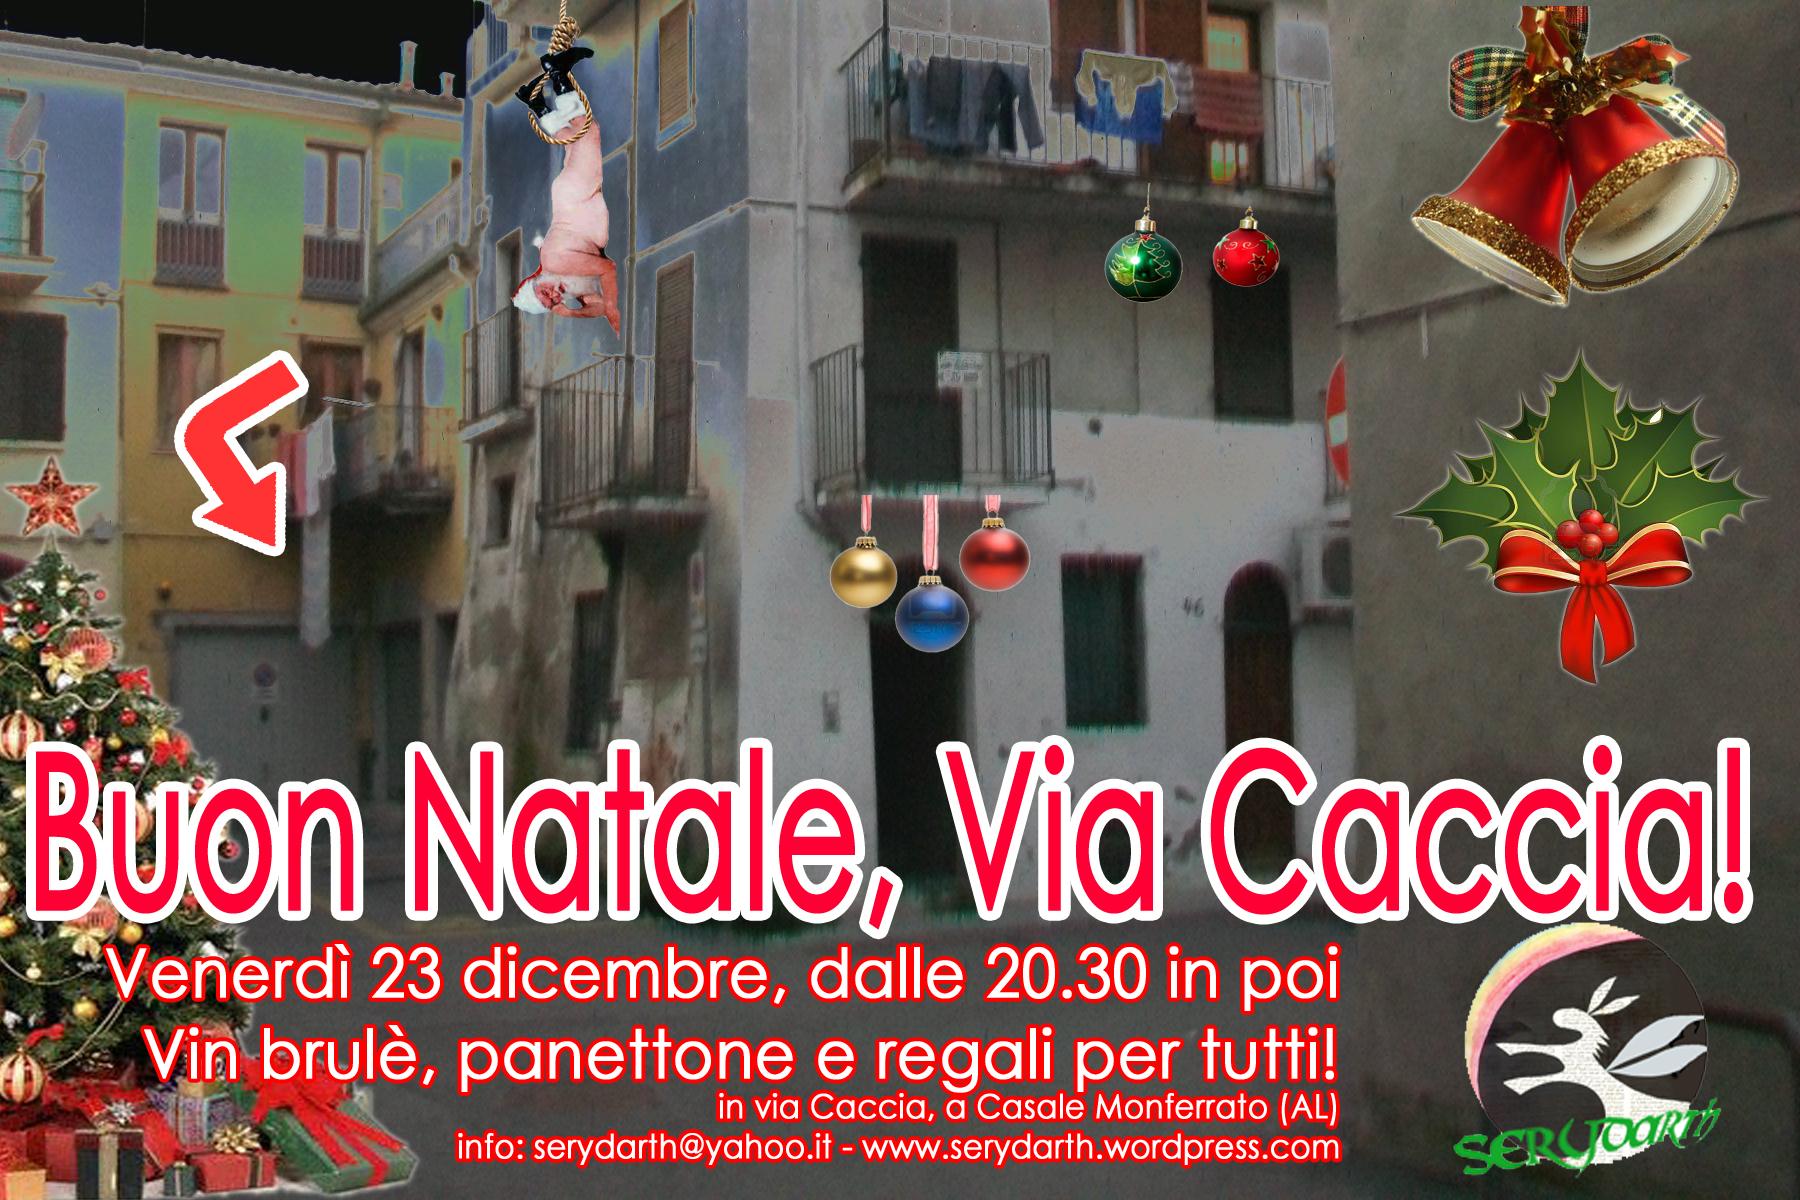 Auguri Di Buon Natale Yahoo.Buon Natale Via Caccia Via Caccia Serydarth Casale